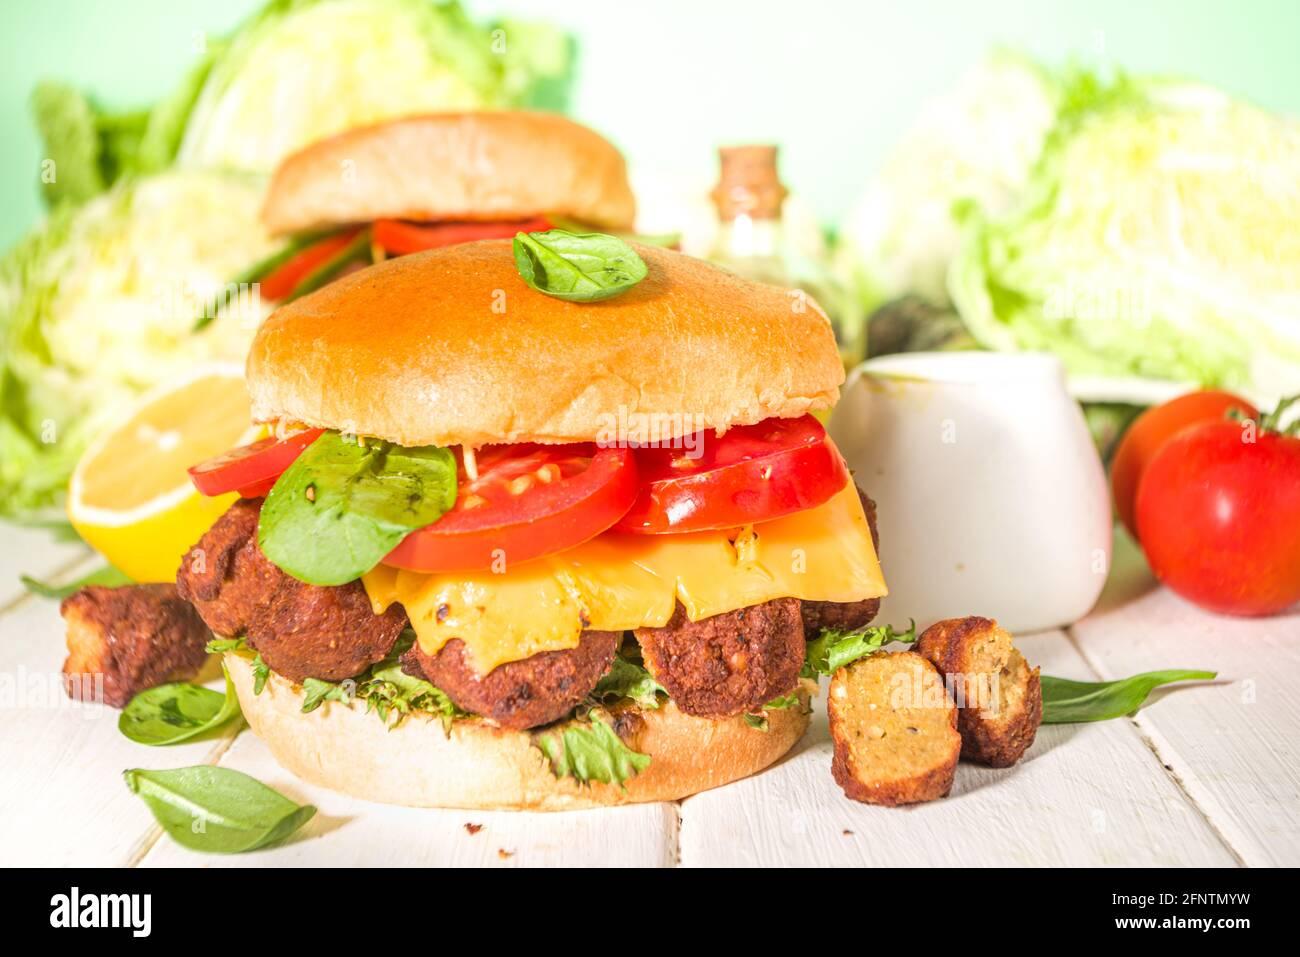 Falufel et hamburger de légumes frais. Cheeseburger végétalien avec falafel rôti, cuisine traditionnelle israélienne, avec un espace de copie de sauce au yaourt Banque D'Images